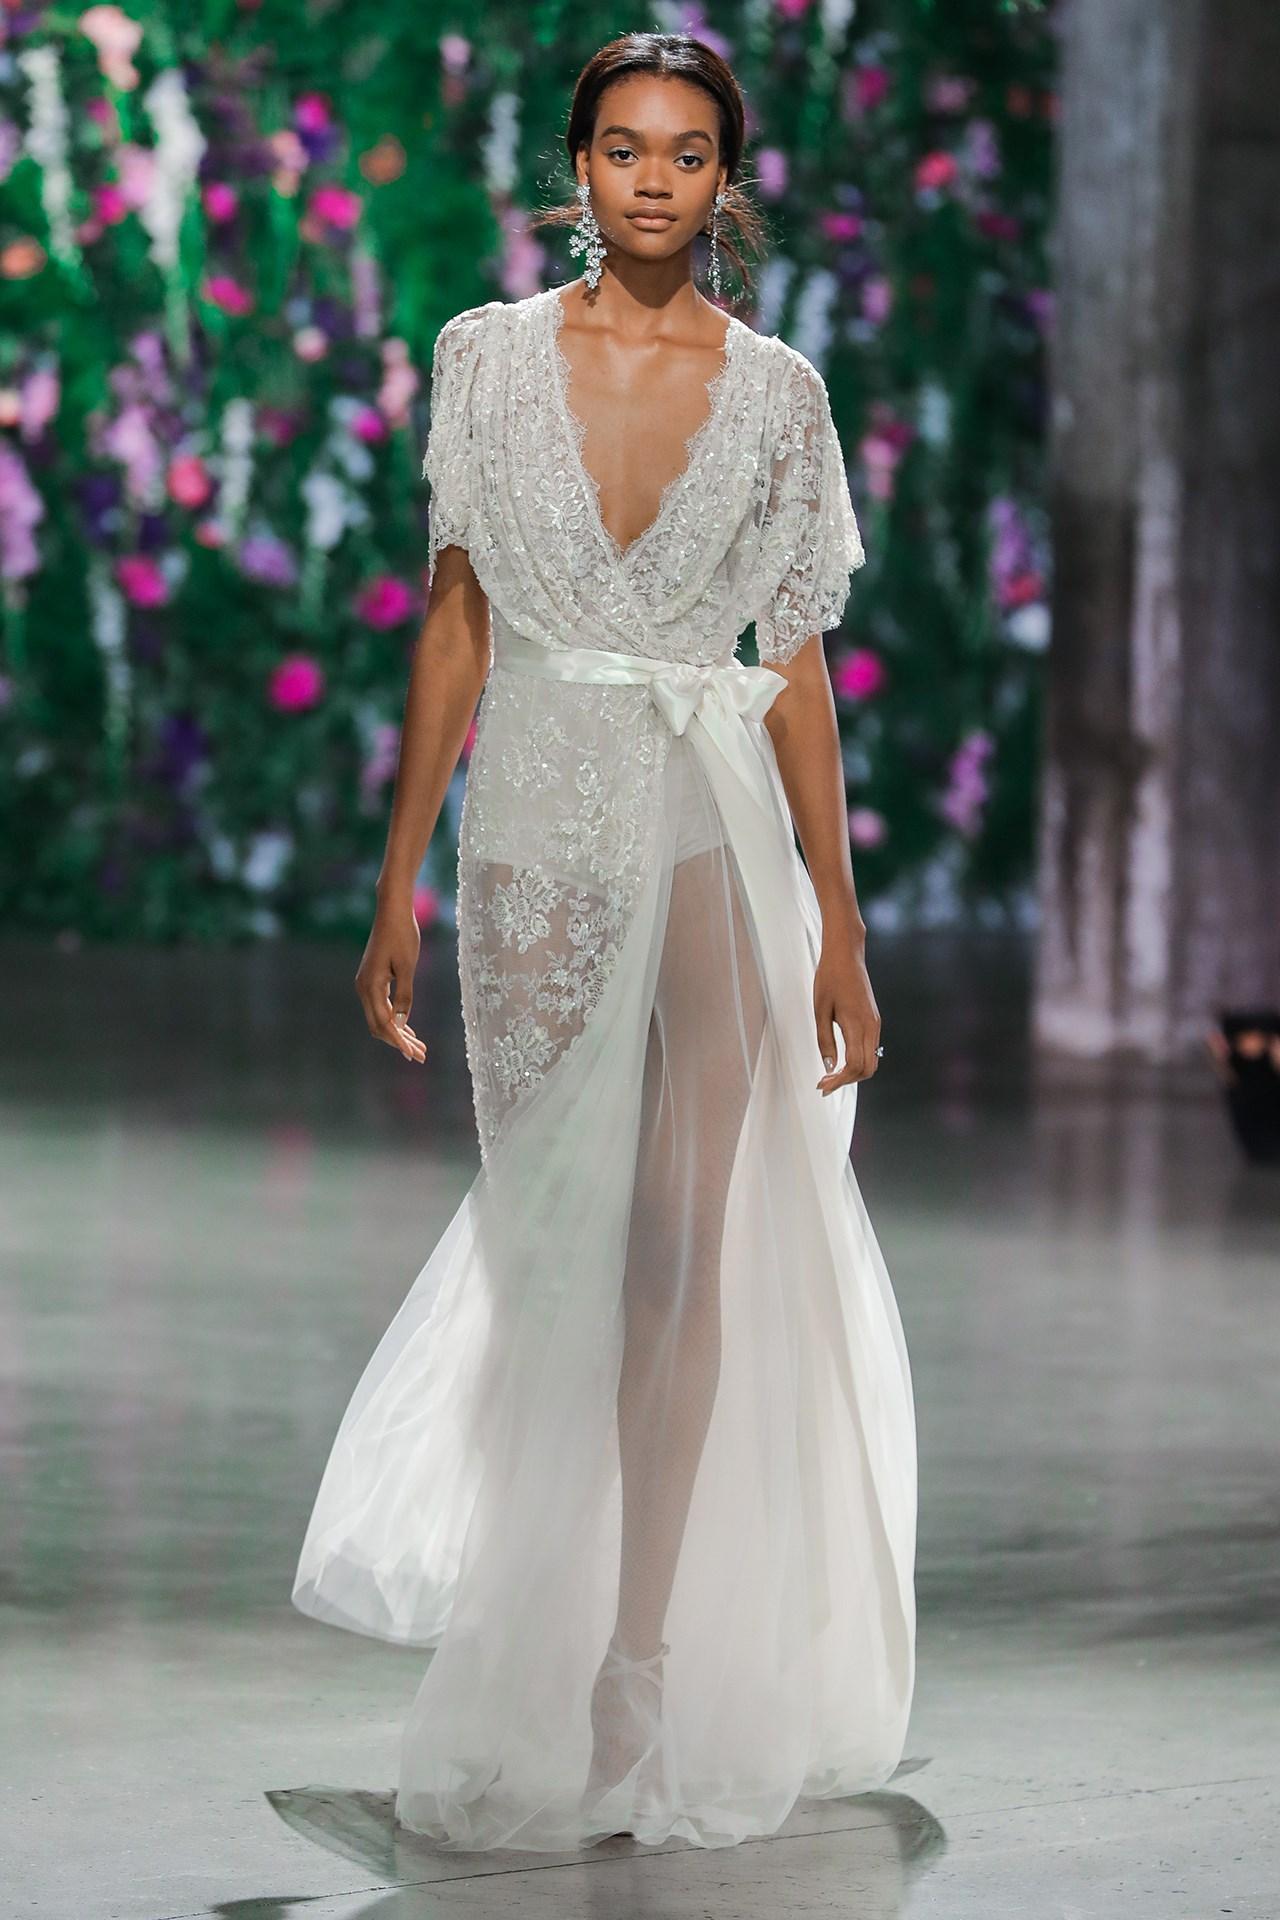 tendencia-vestido-noiva-2018-tranparencia-Galia Lahav